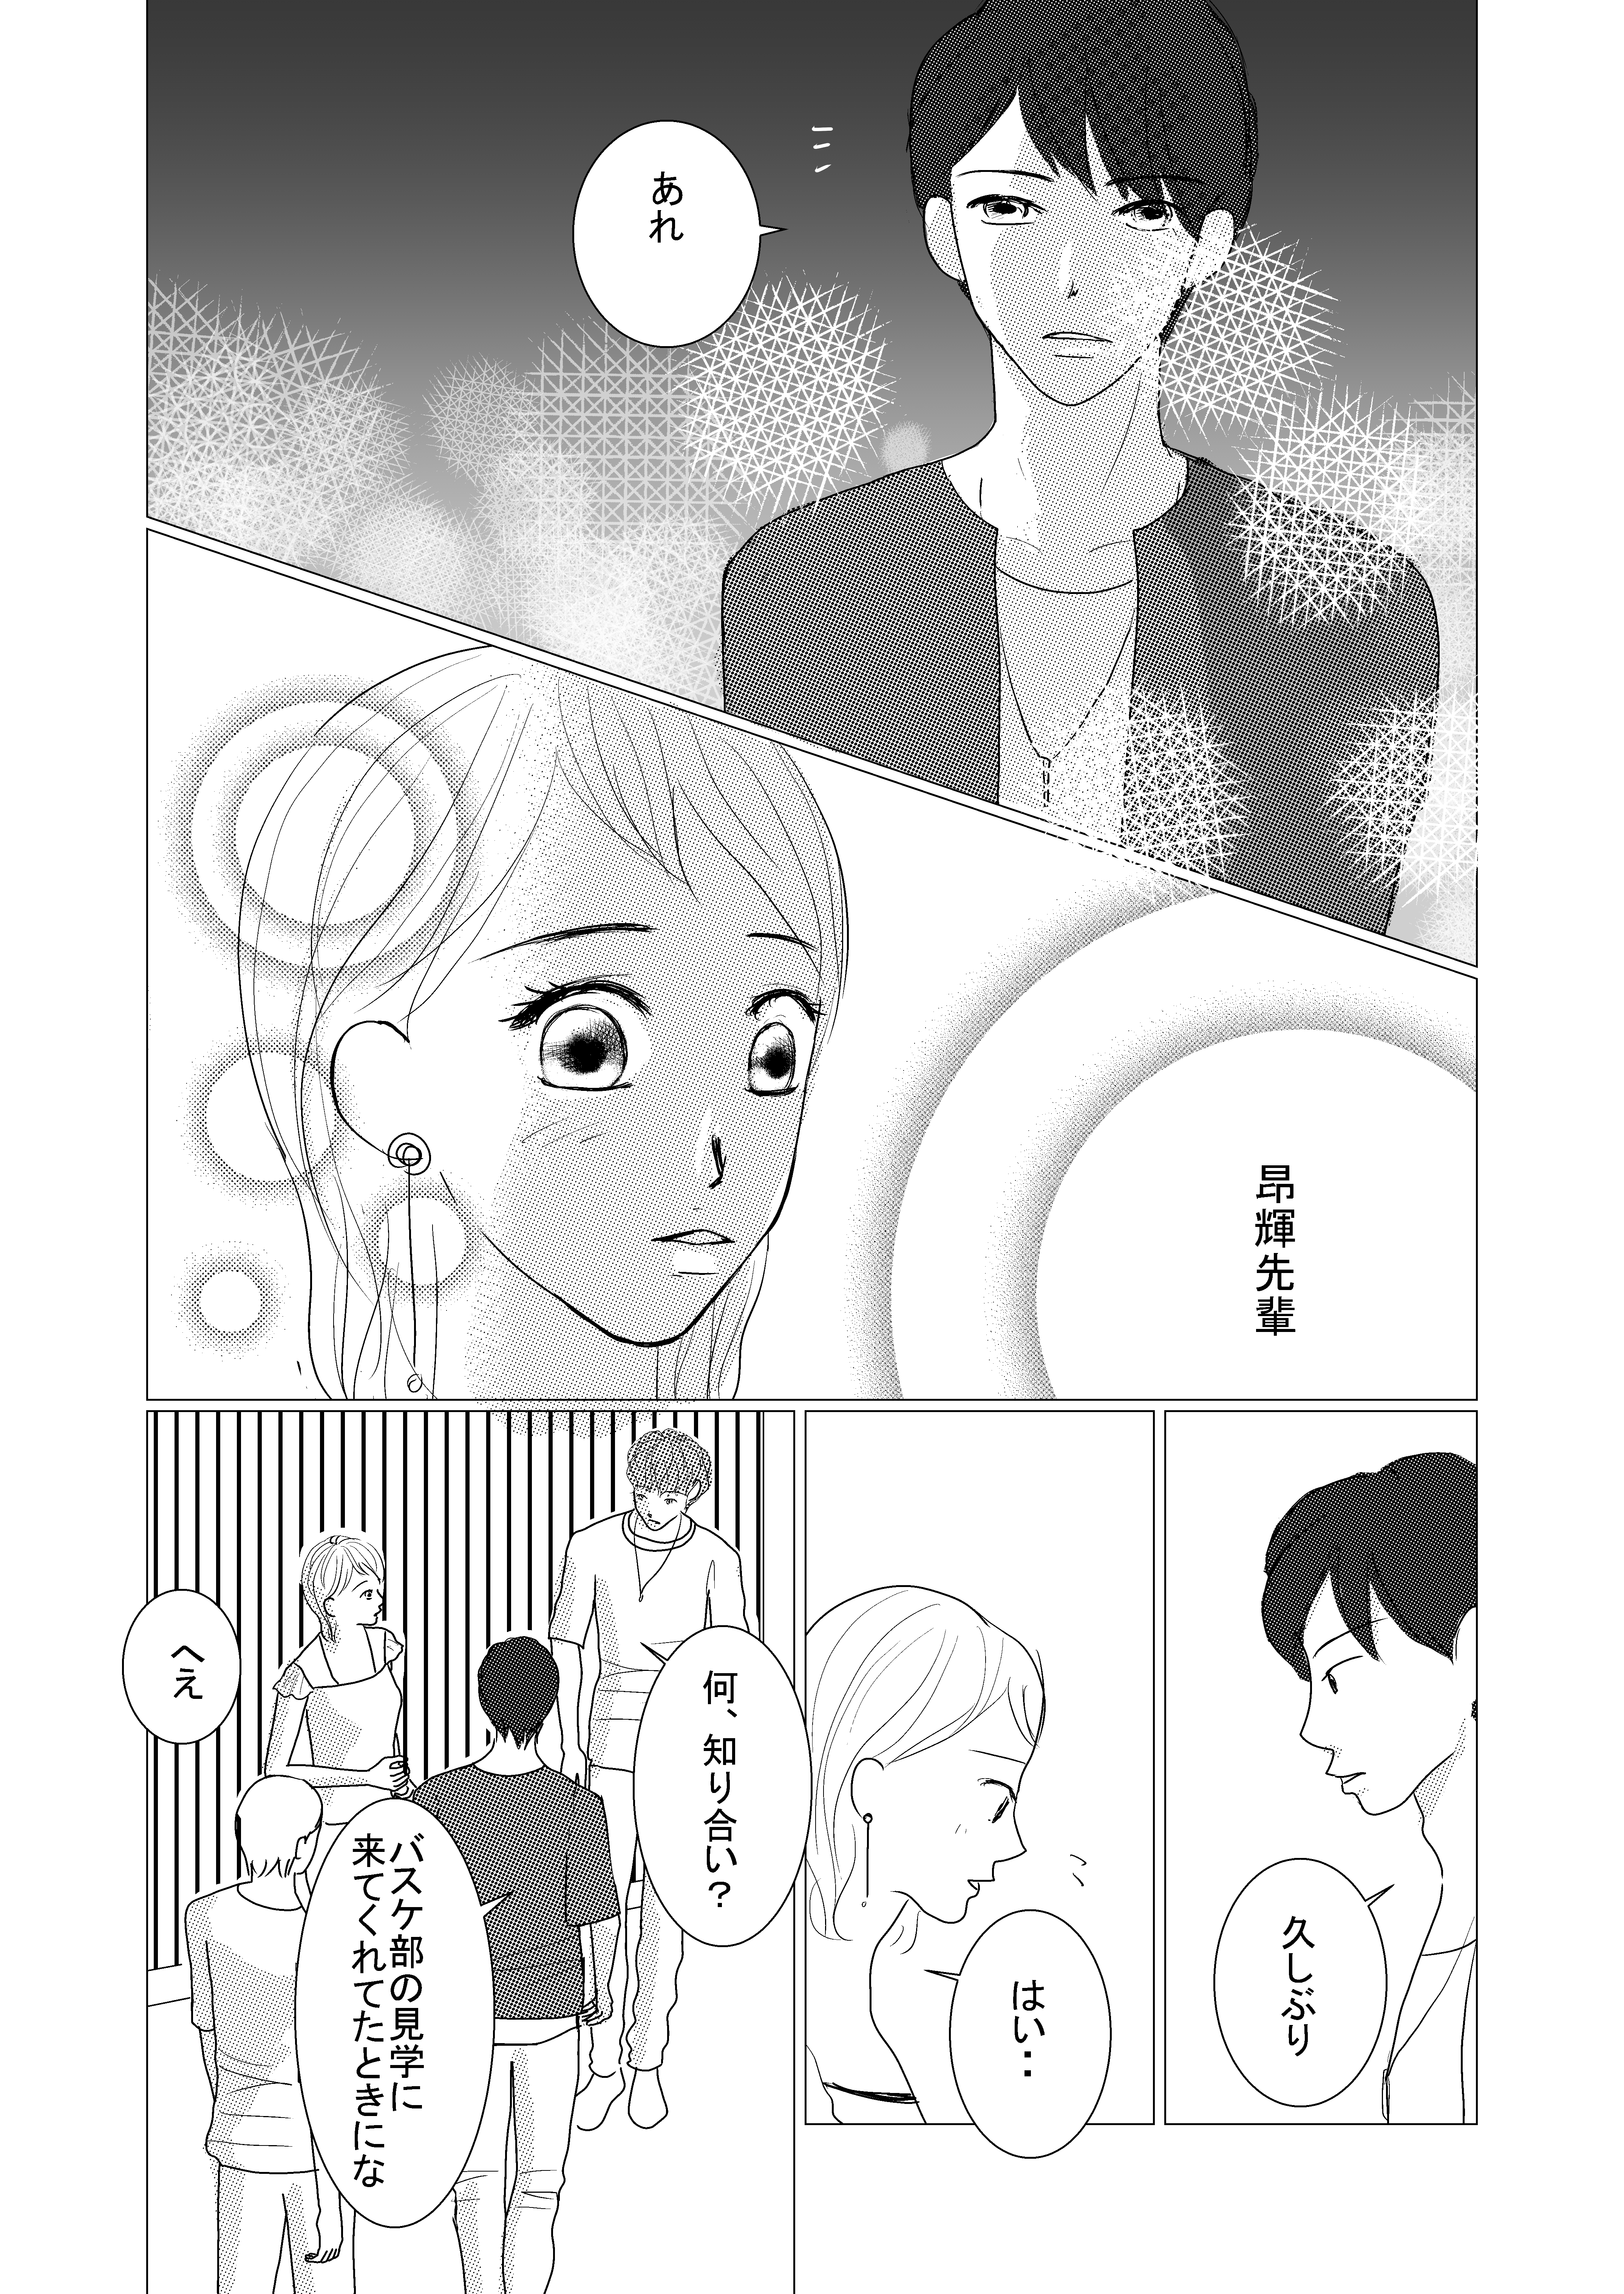 恋愛漫画/イケメン/大学生/社会人/大学生で初めて付き合う/初めての彼氏/shoujyo manga/米加夢/58ページ